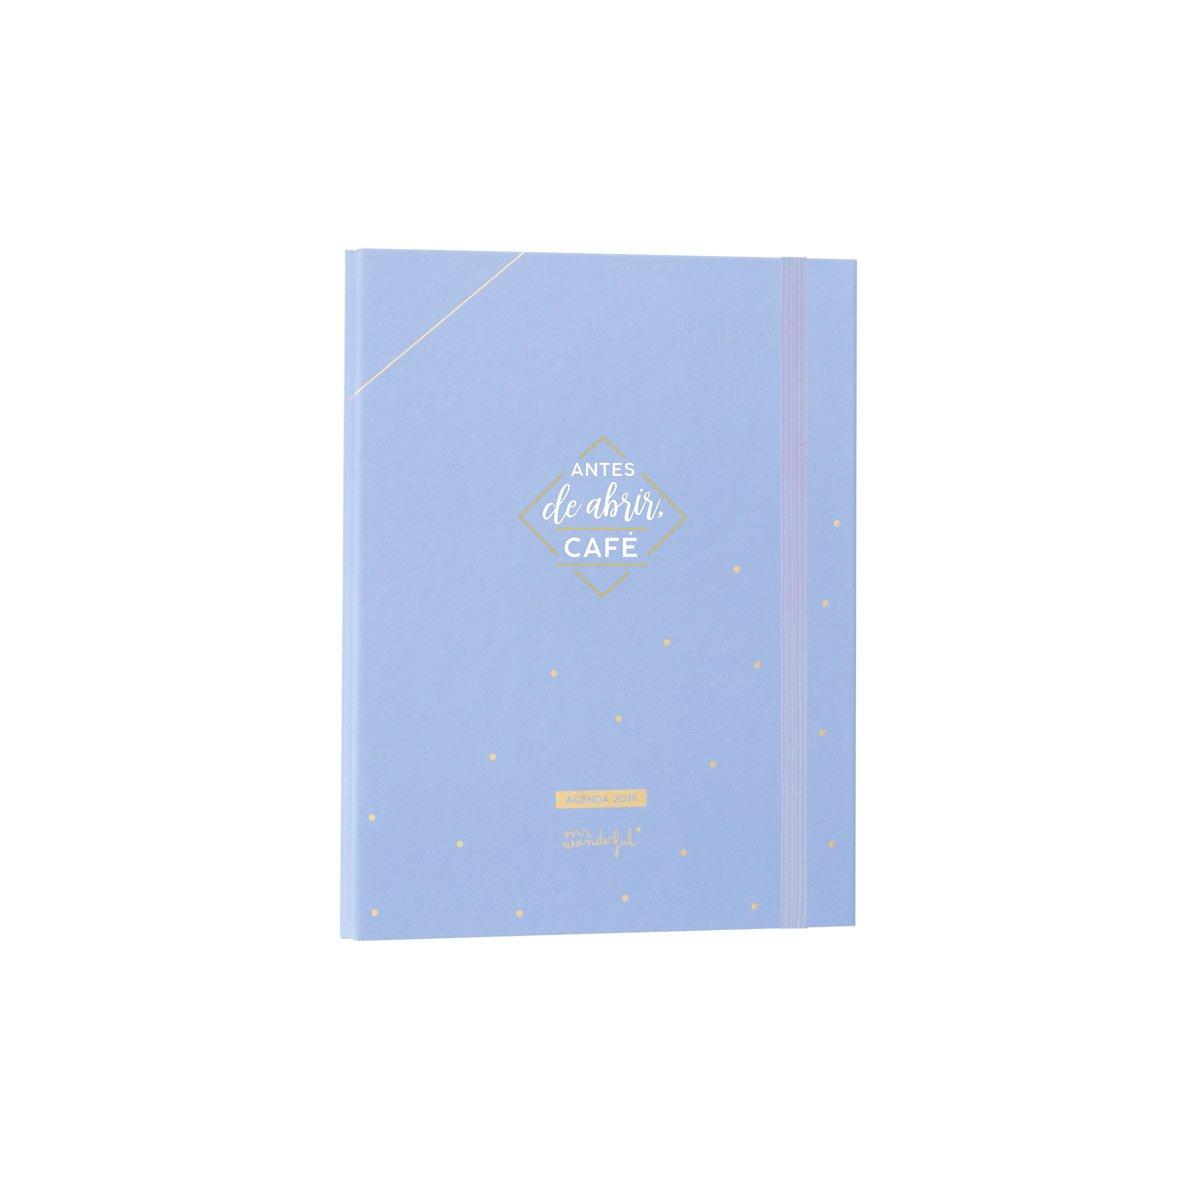 Mr. Wonderful - Agenda anual azul con anillas 2019 semana vista - Antes de abrir café